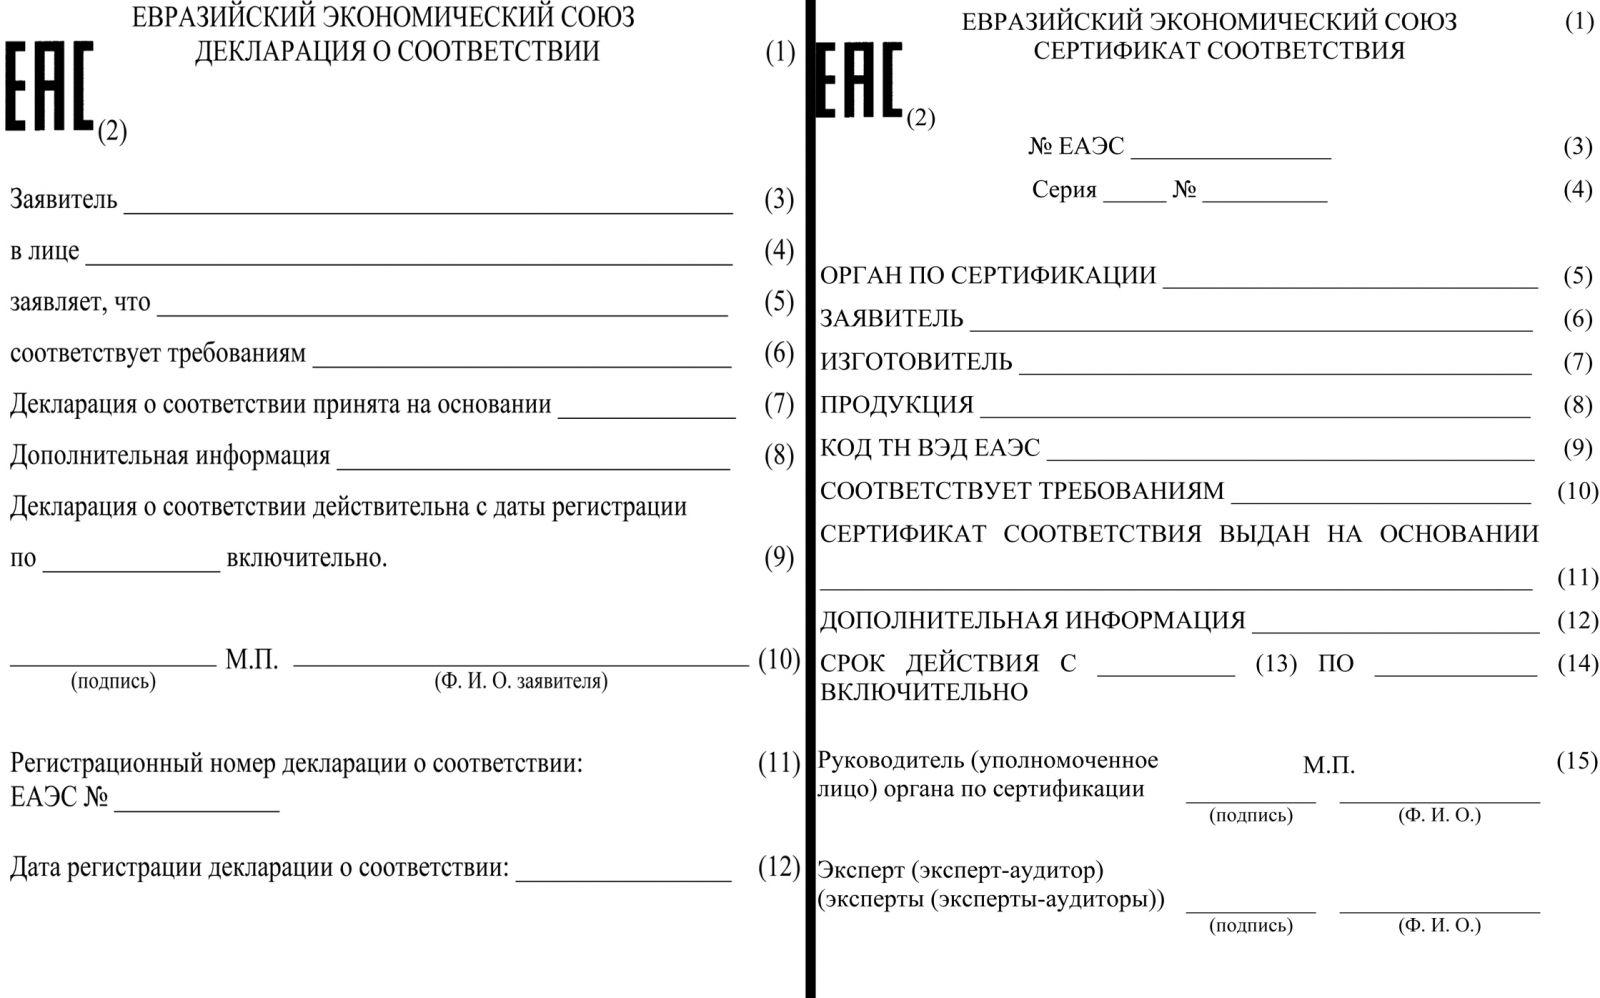 бланк форма 10 регистрация